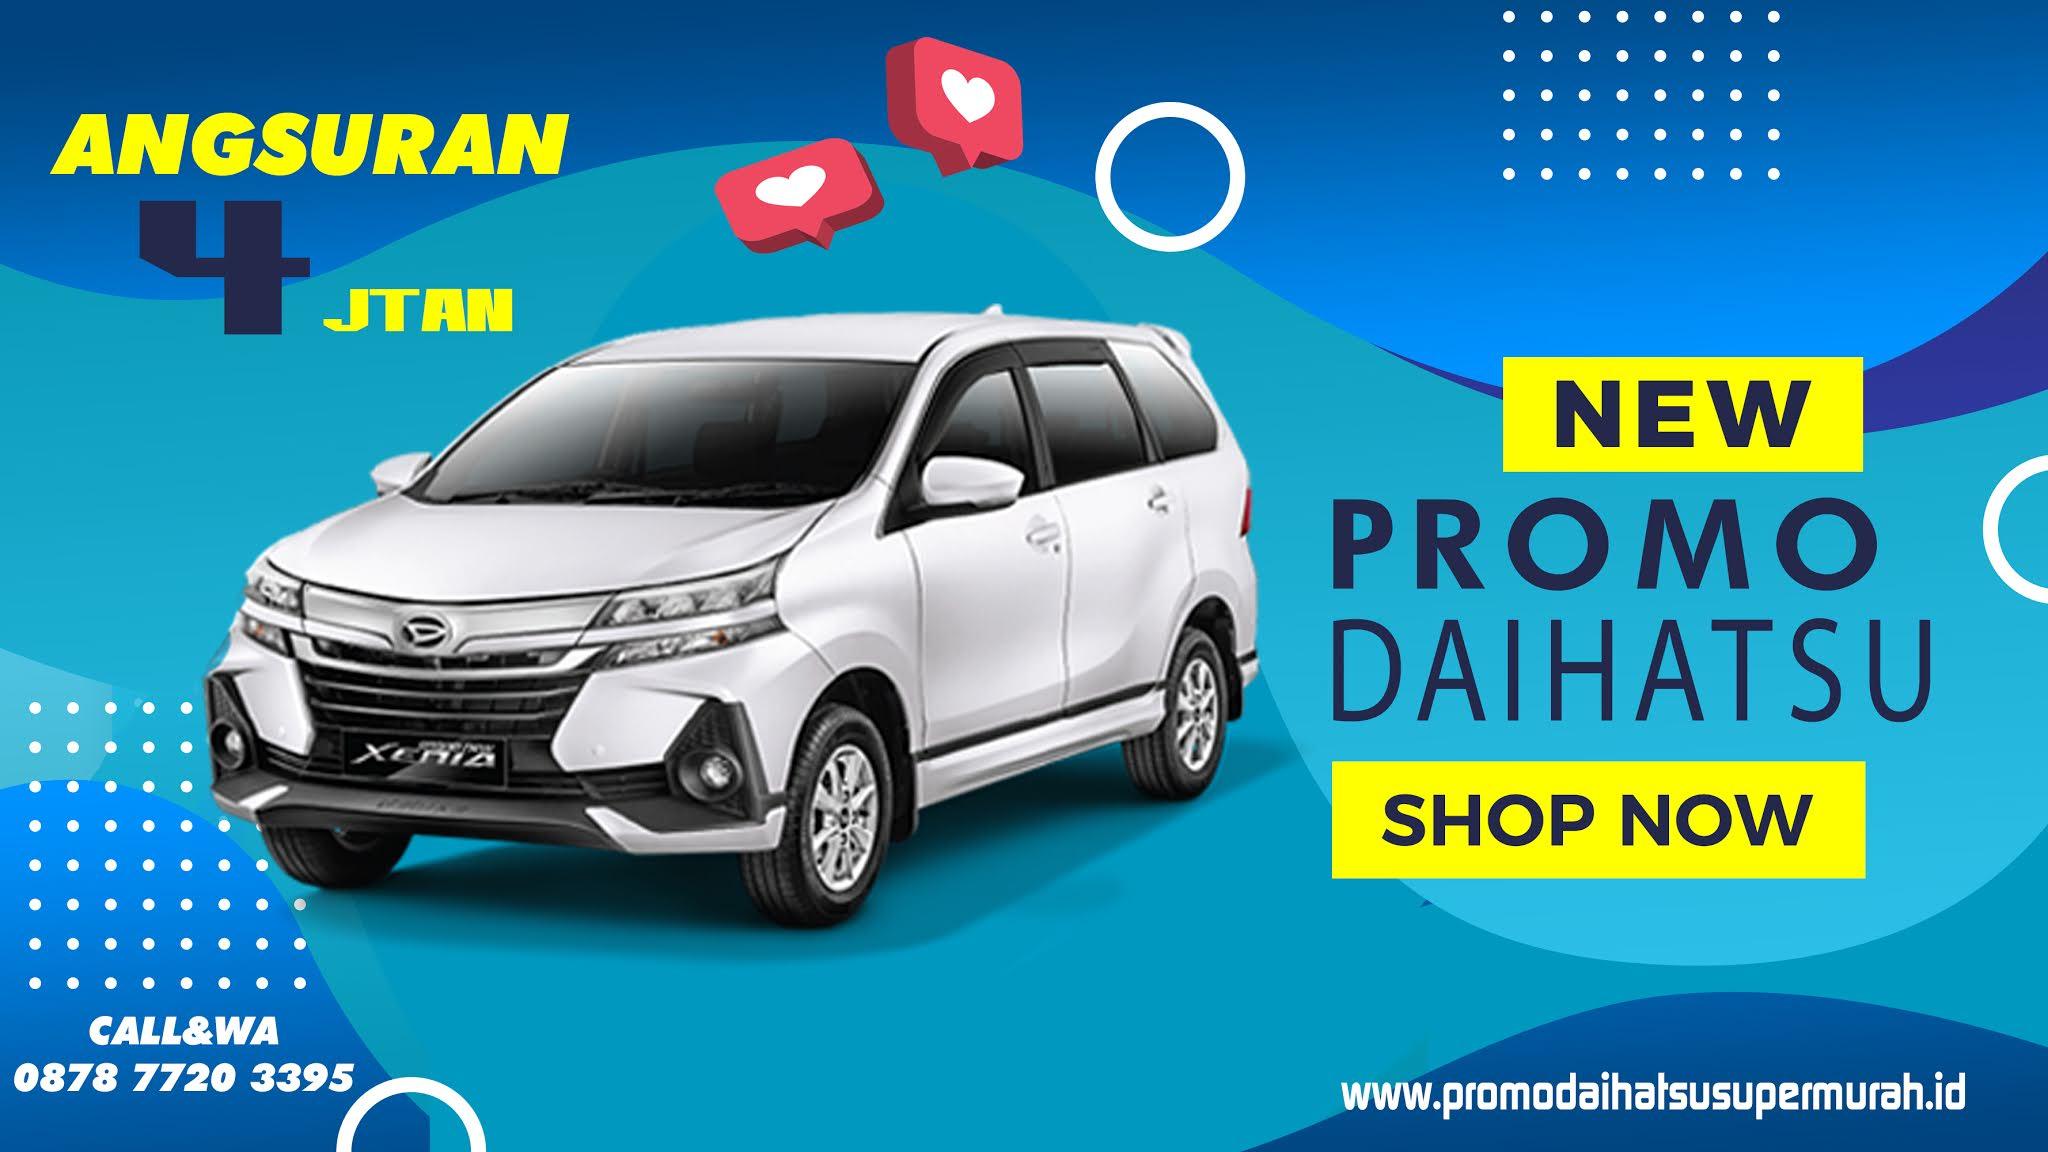 Promo mobil daihatsu banjarmasin agustus 2021. Harga Daihatsu Xenia 2021 ~ Promo Daihatsu